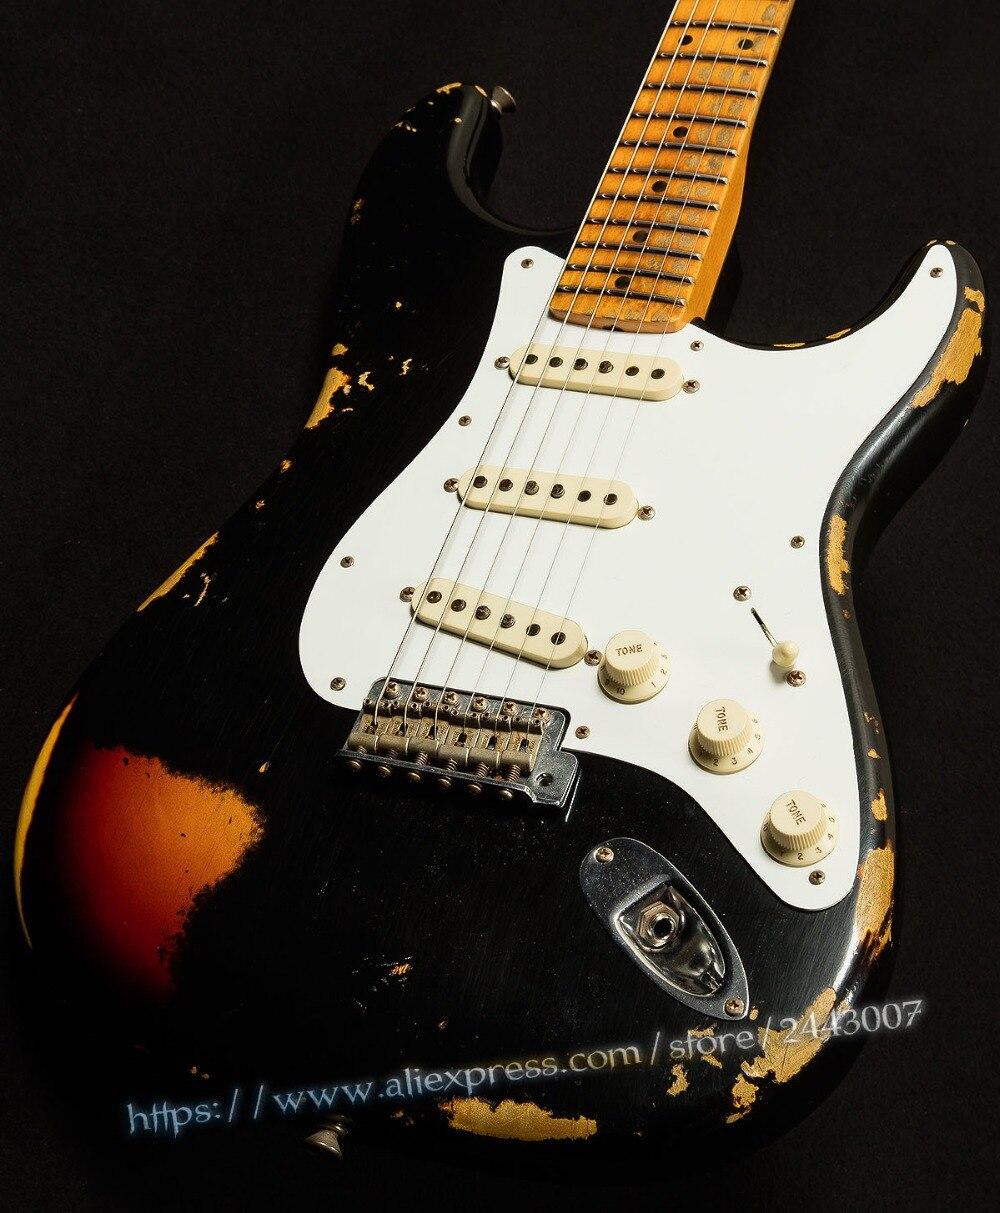 GC Custom Shop Masterbuilt Collection NAMM Limitée Méfait Maker Électrique Guitare Noir sur 3-Tone Sunburst